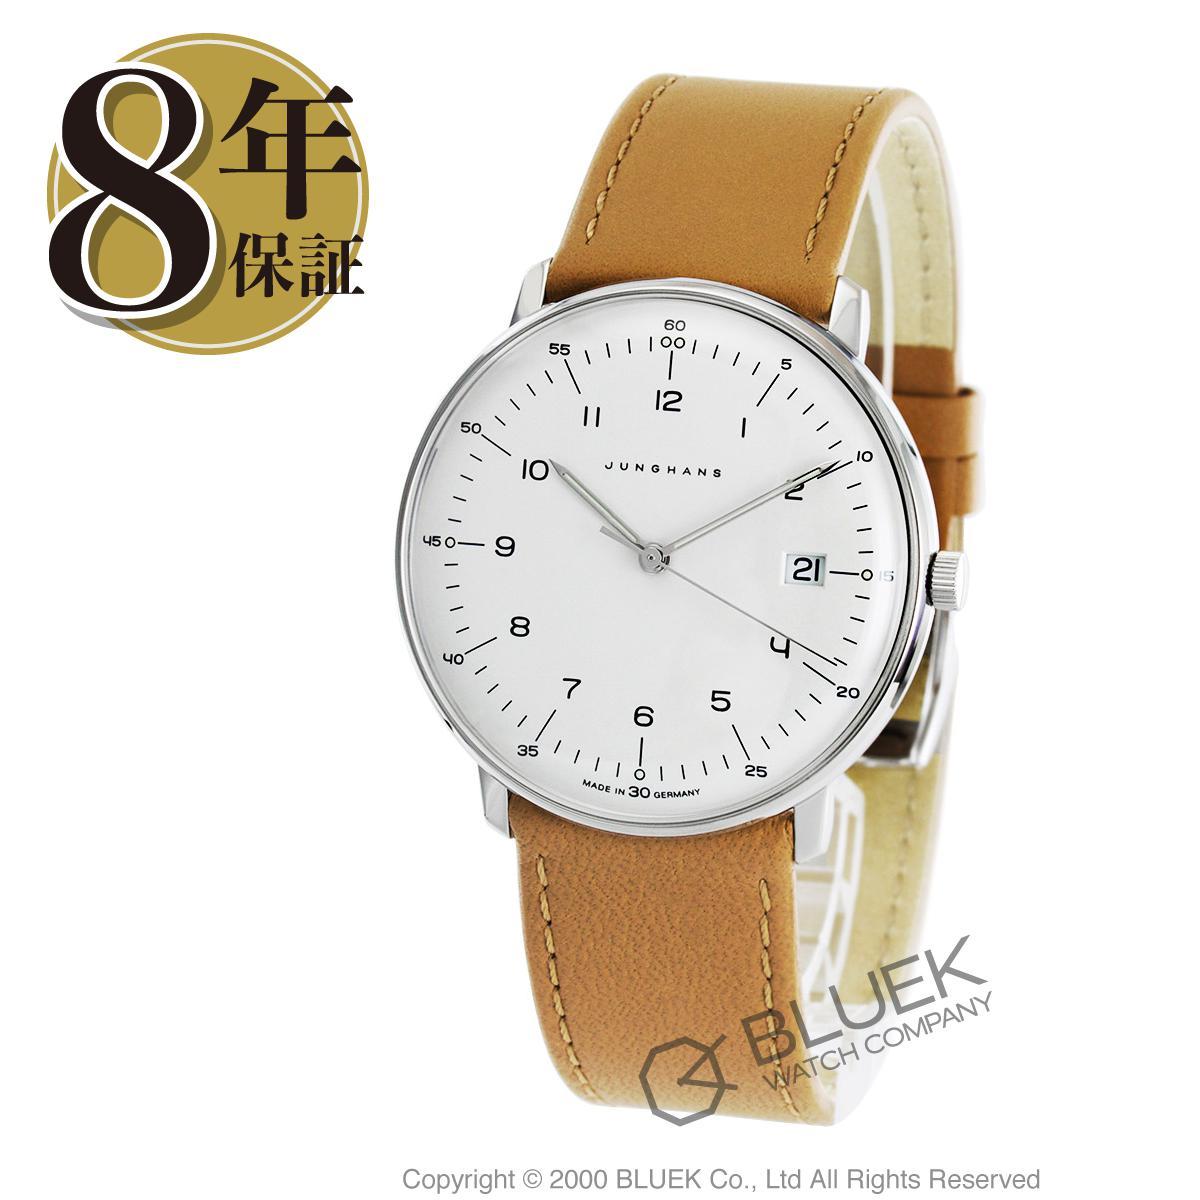 ユンハンス マックスビル 腕時計 メンズ JUNGHANS 041/4562.00_8 バーゲン 成人祝い ギフト プレゼント